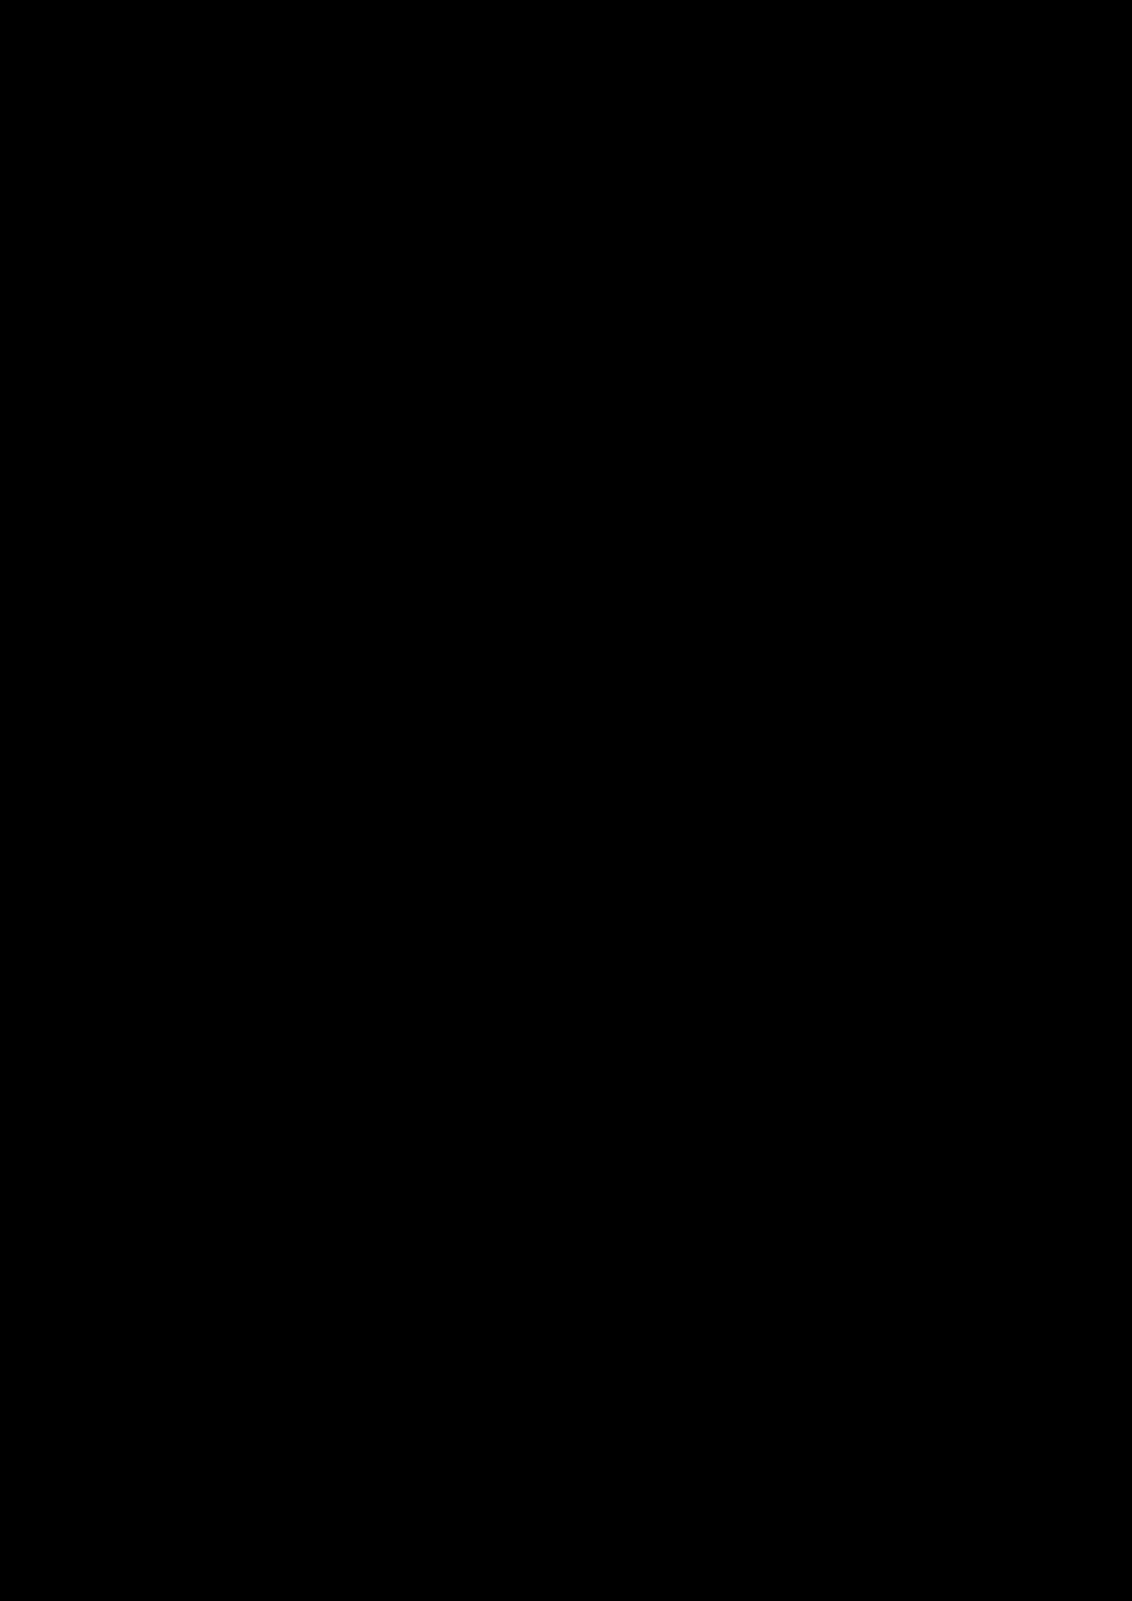 Zagadka volshebnoy stranyi slide, Image 84